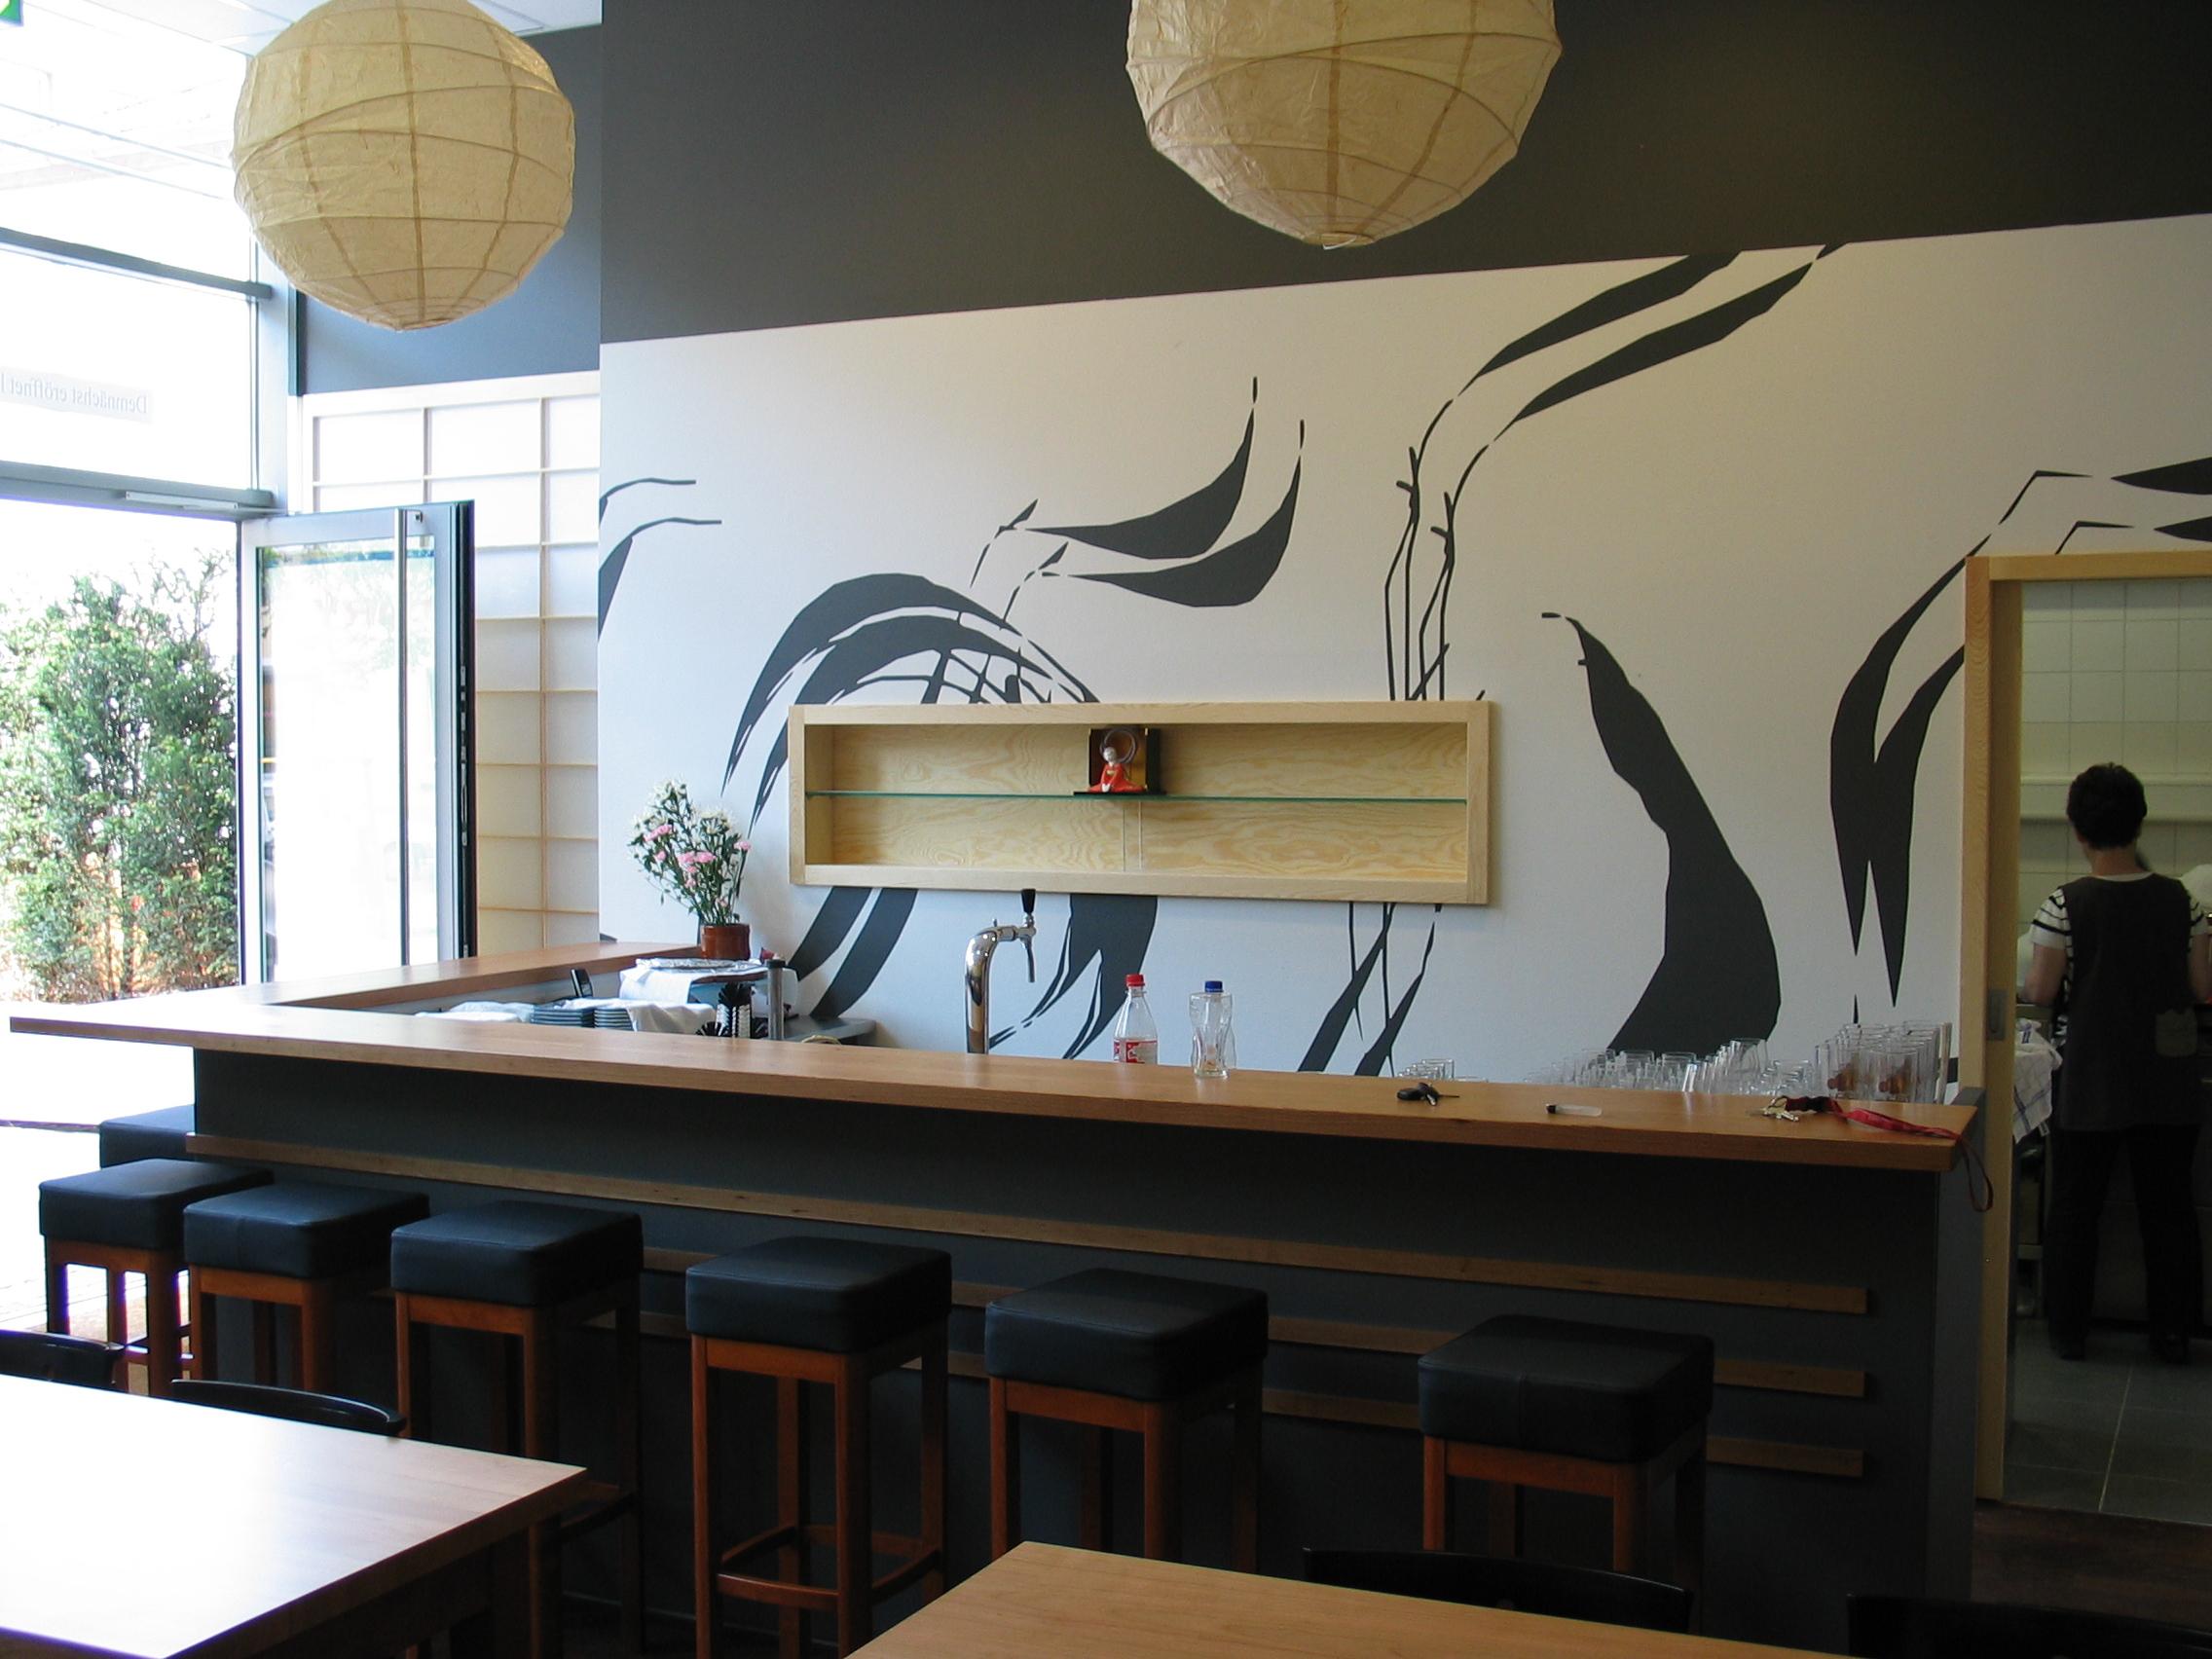 Theke, Japanisches Restaurant Niko Niko Tei, Mainz